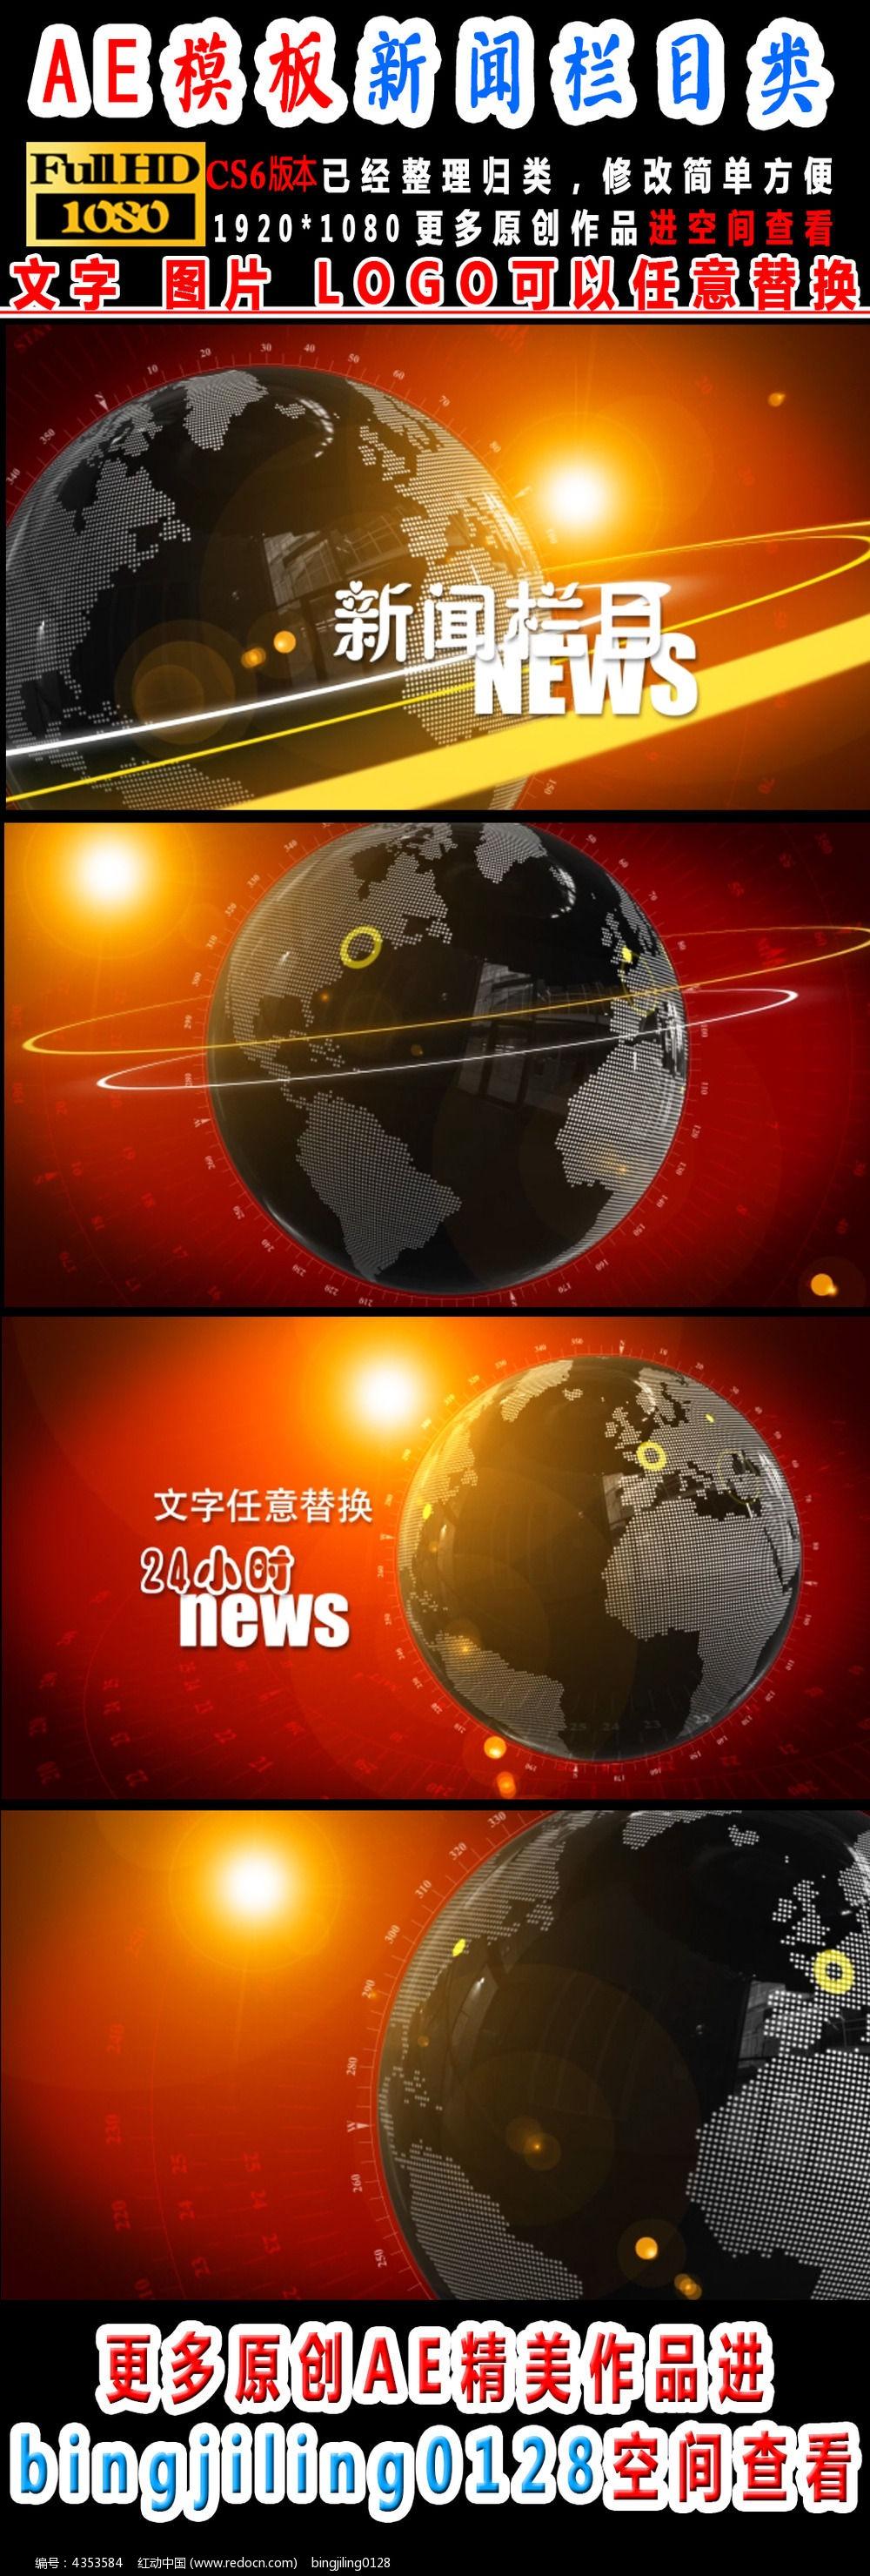 地球新闻栏目包装视频AE模板图片